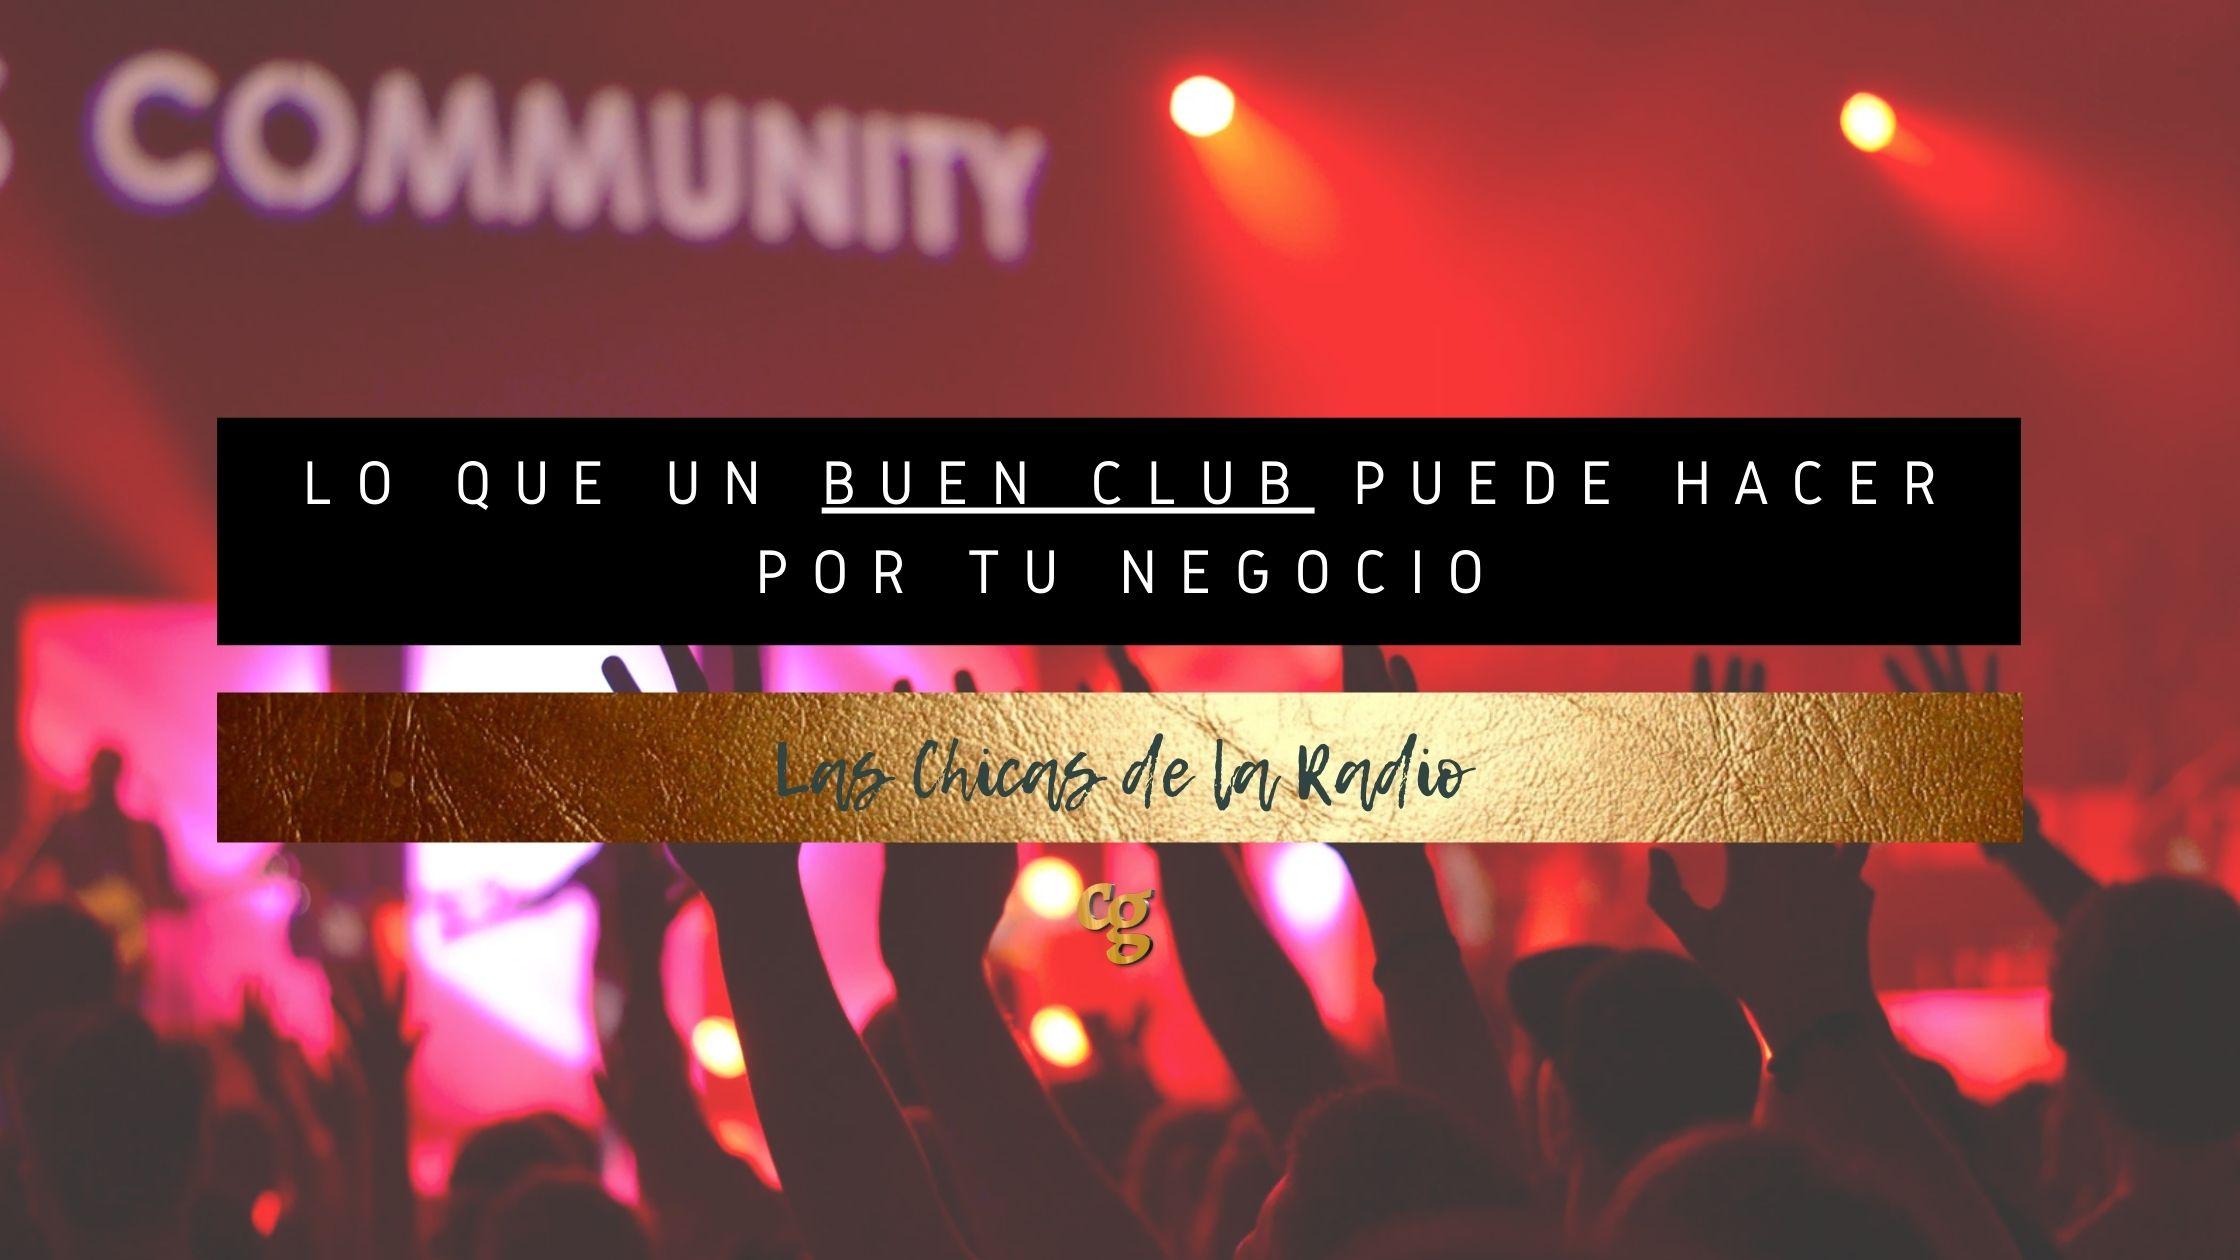 Ventajas y beneficios de pertenecer al club del community manager